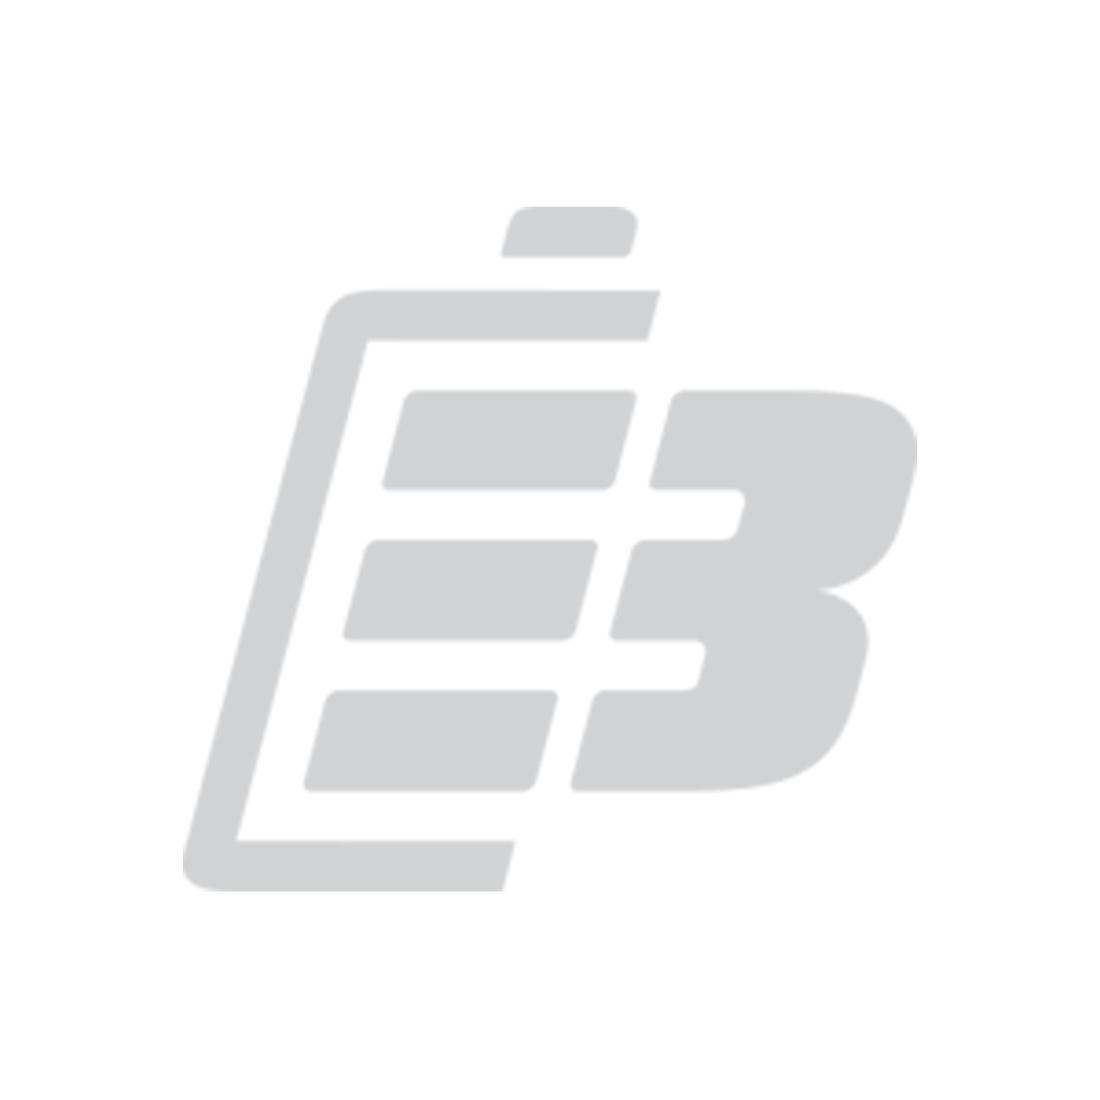 Cordless phone battery Siemens Gigaset E450_1